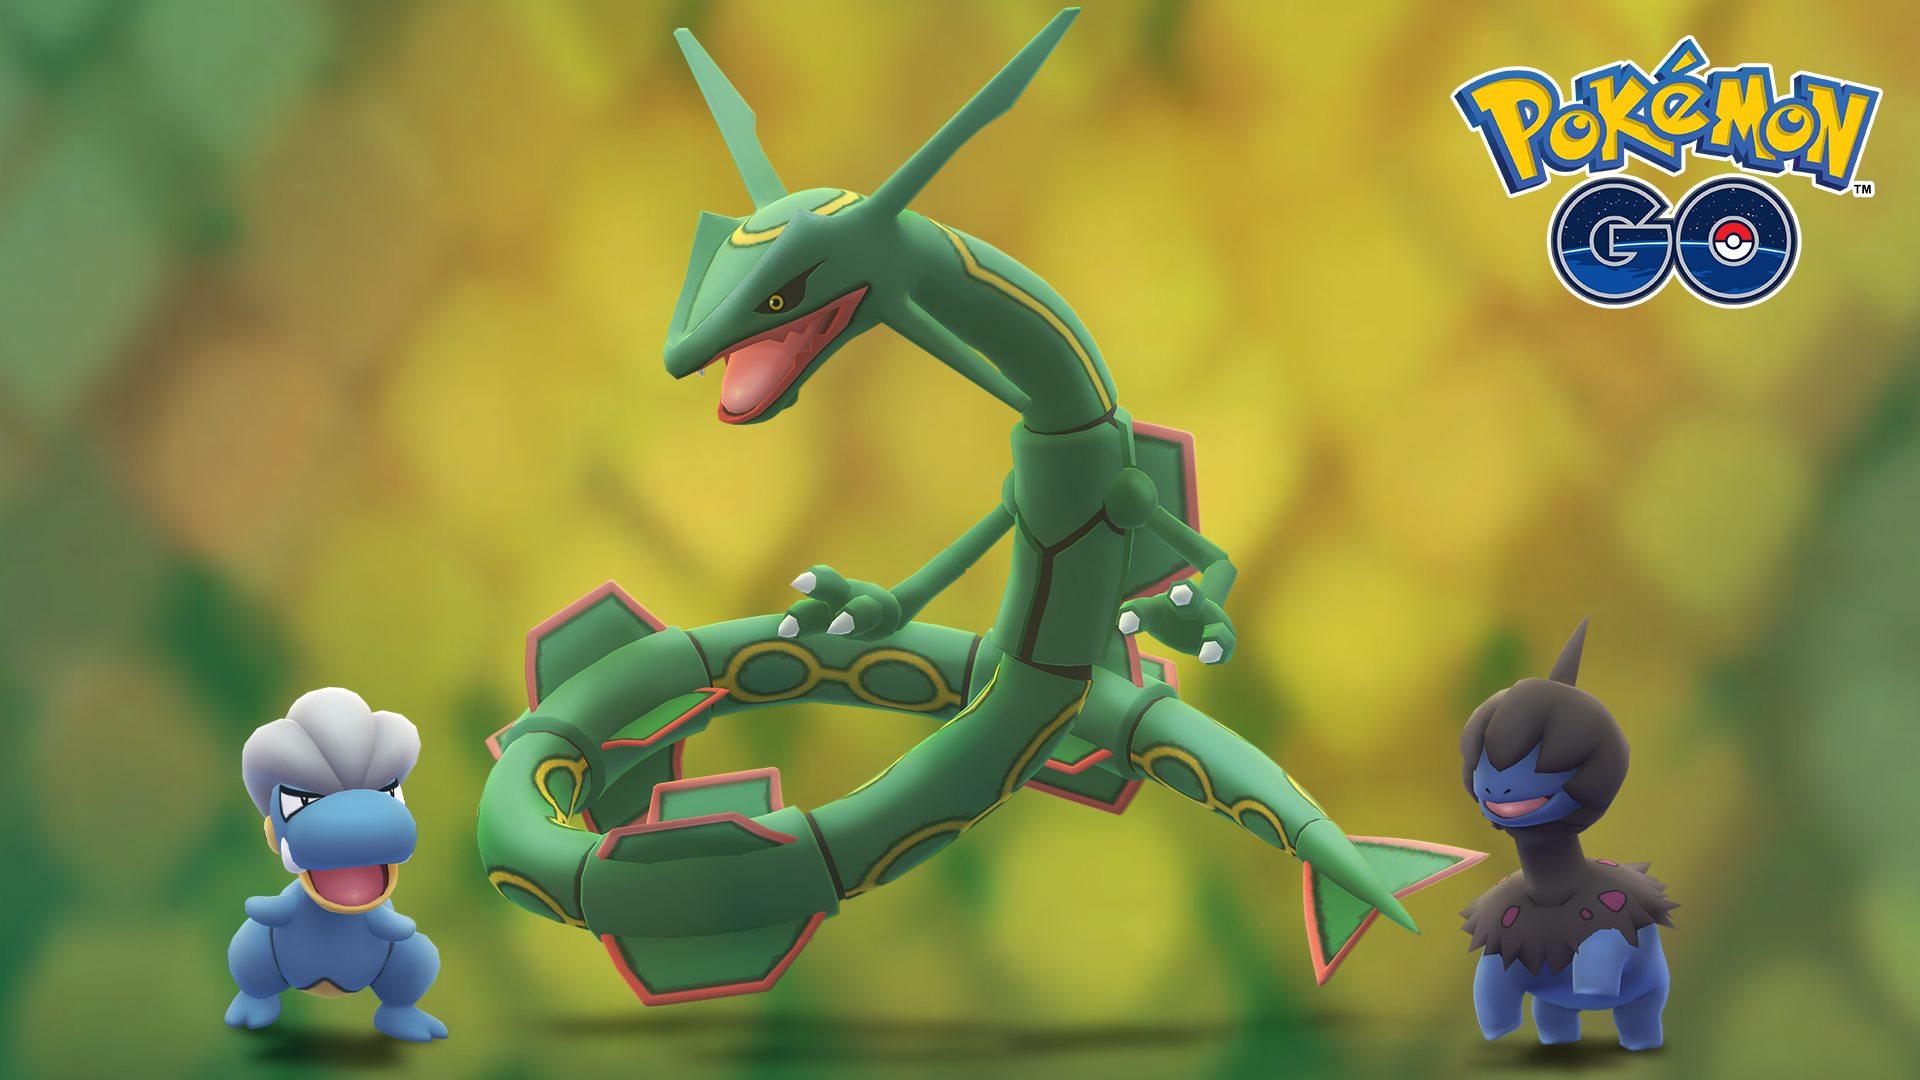 Pokemon GO Fest 2020 Ultra Ulock Dragon Week 究極獎勵 龍之週